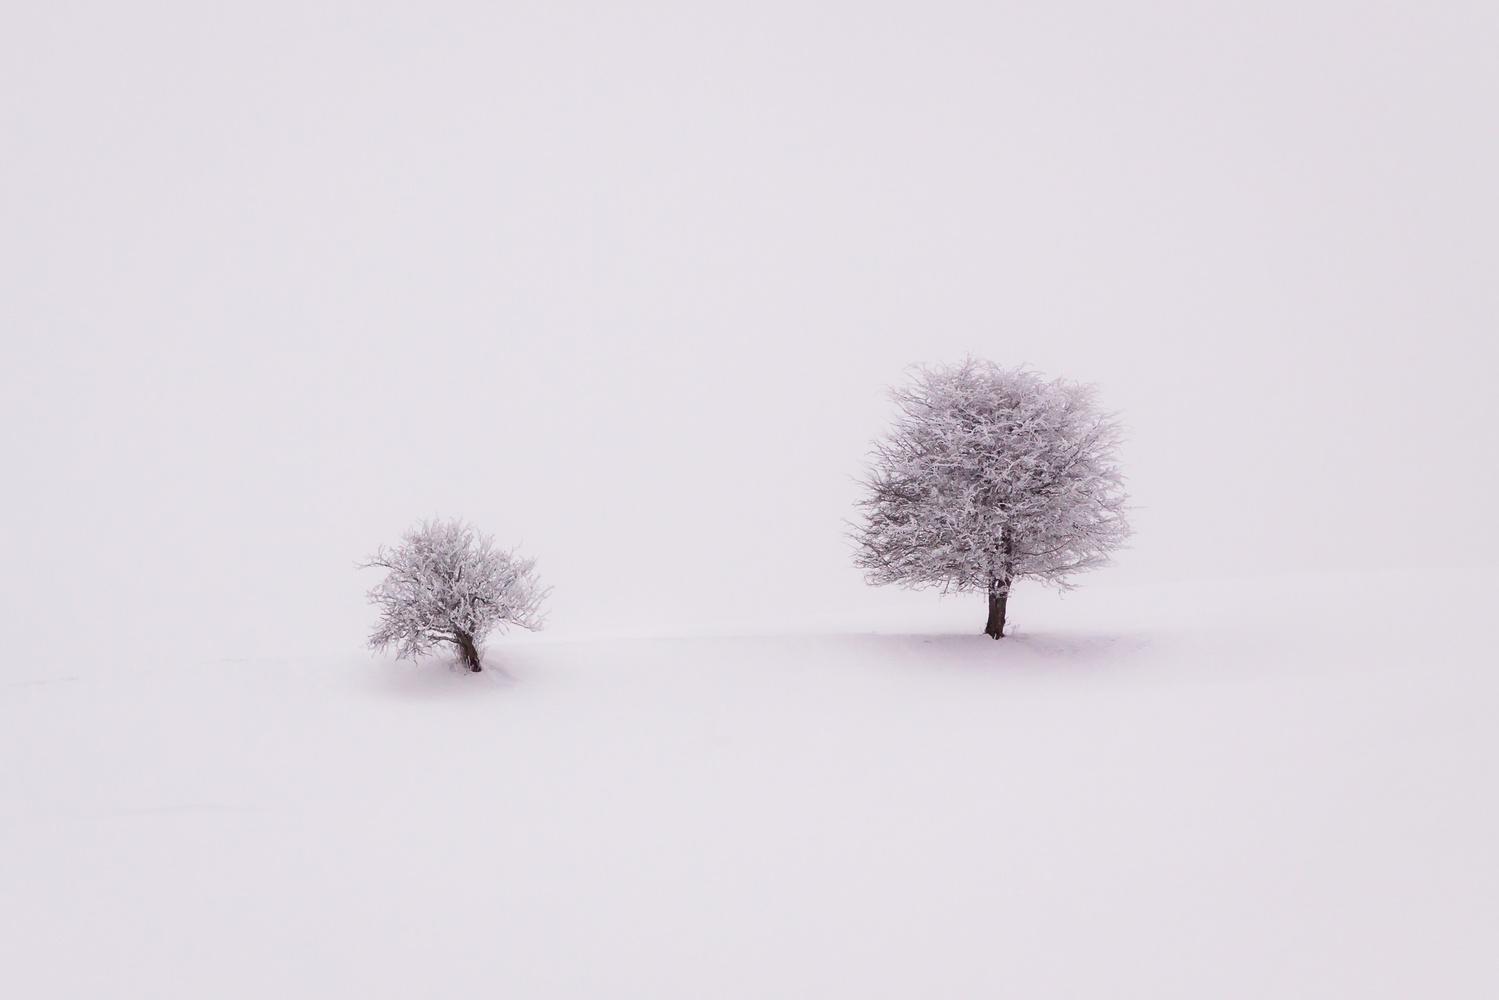 Lonely trees / Füssen, Germany by Jeroen Hribar